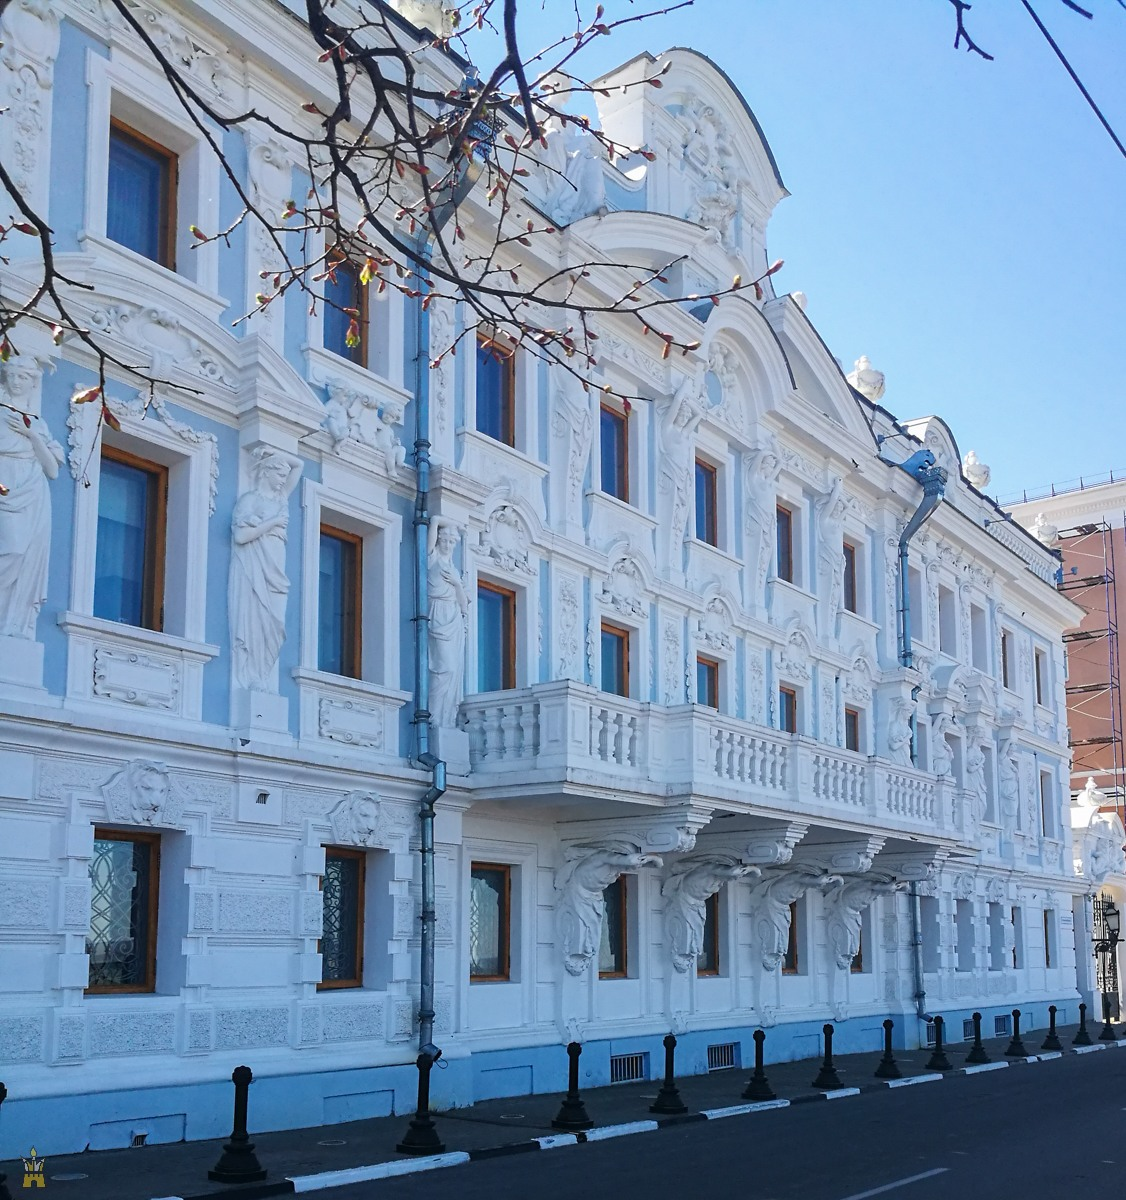 Усадьба Рукавишниковых в Нижнем Новгороде